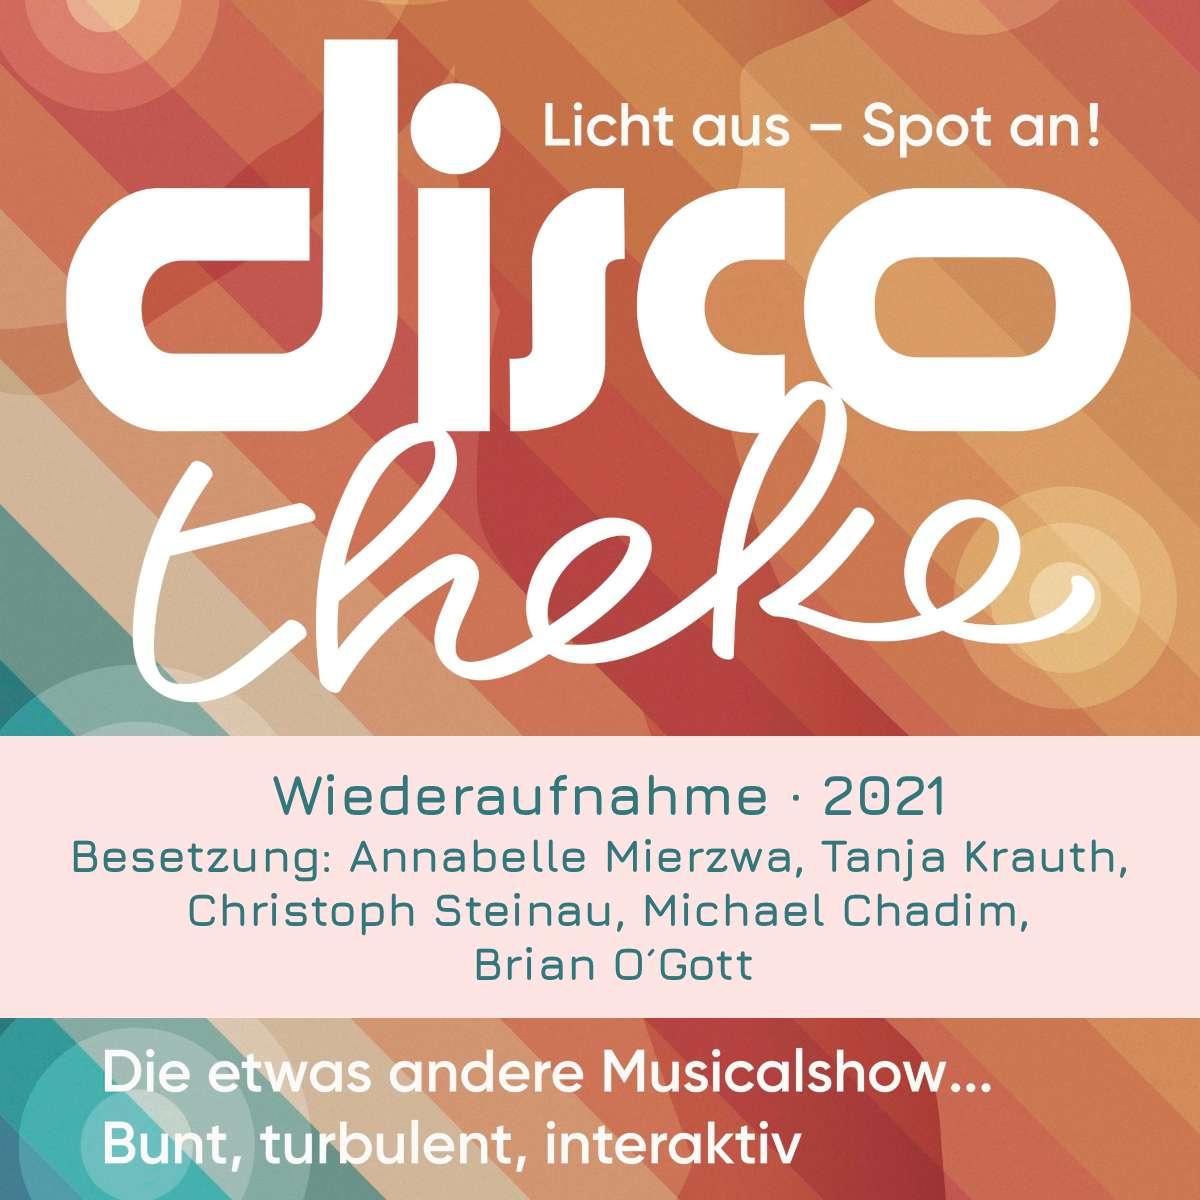 discotheke -Licht aus-Spot an!